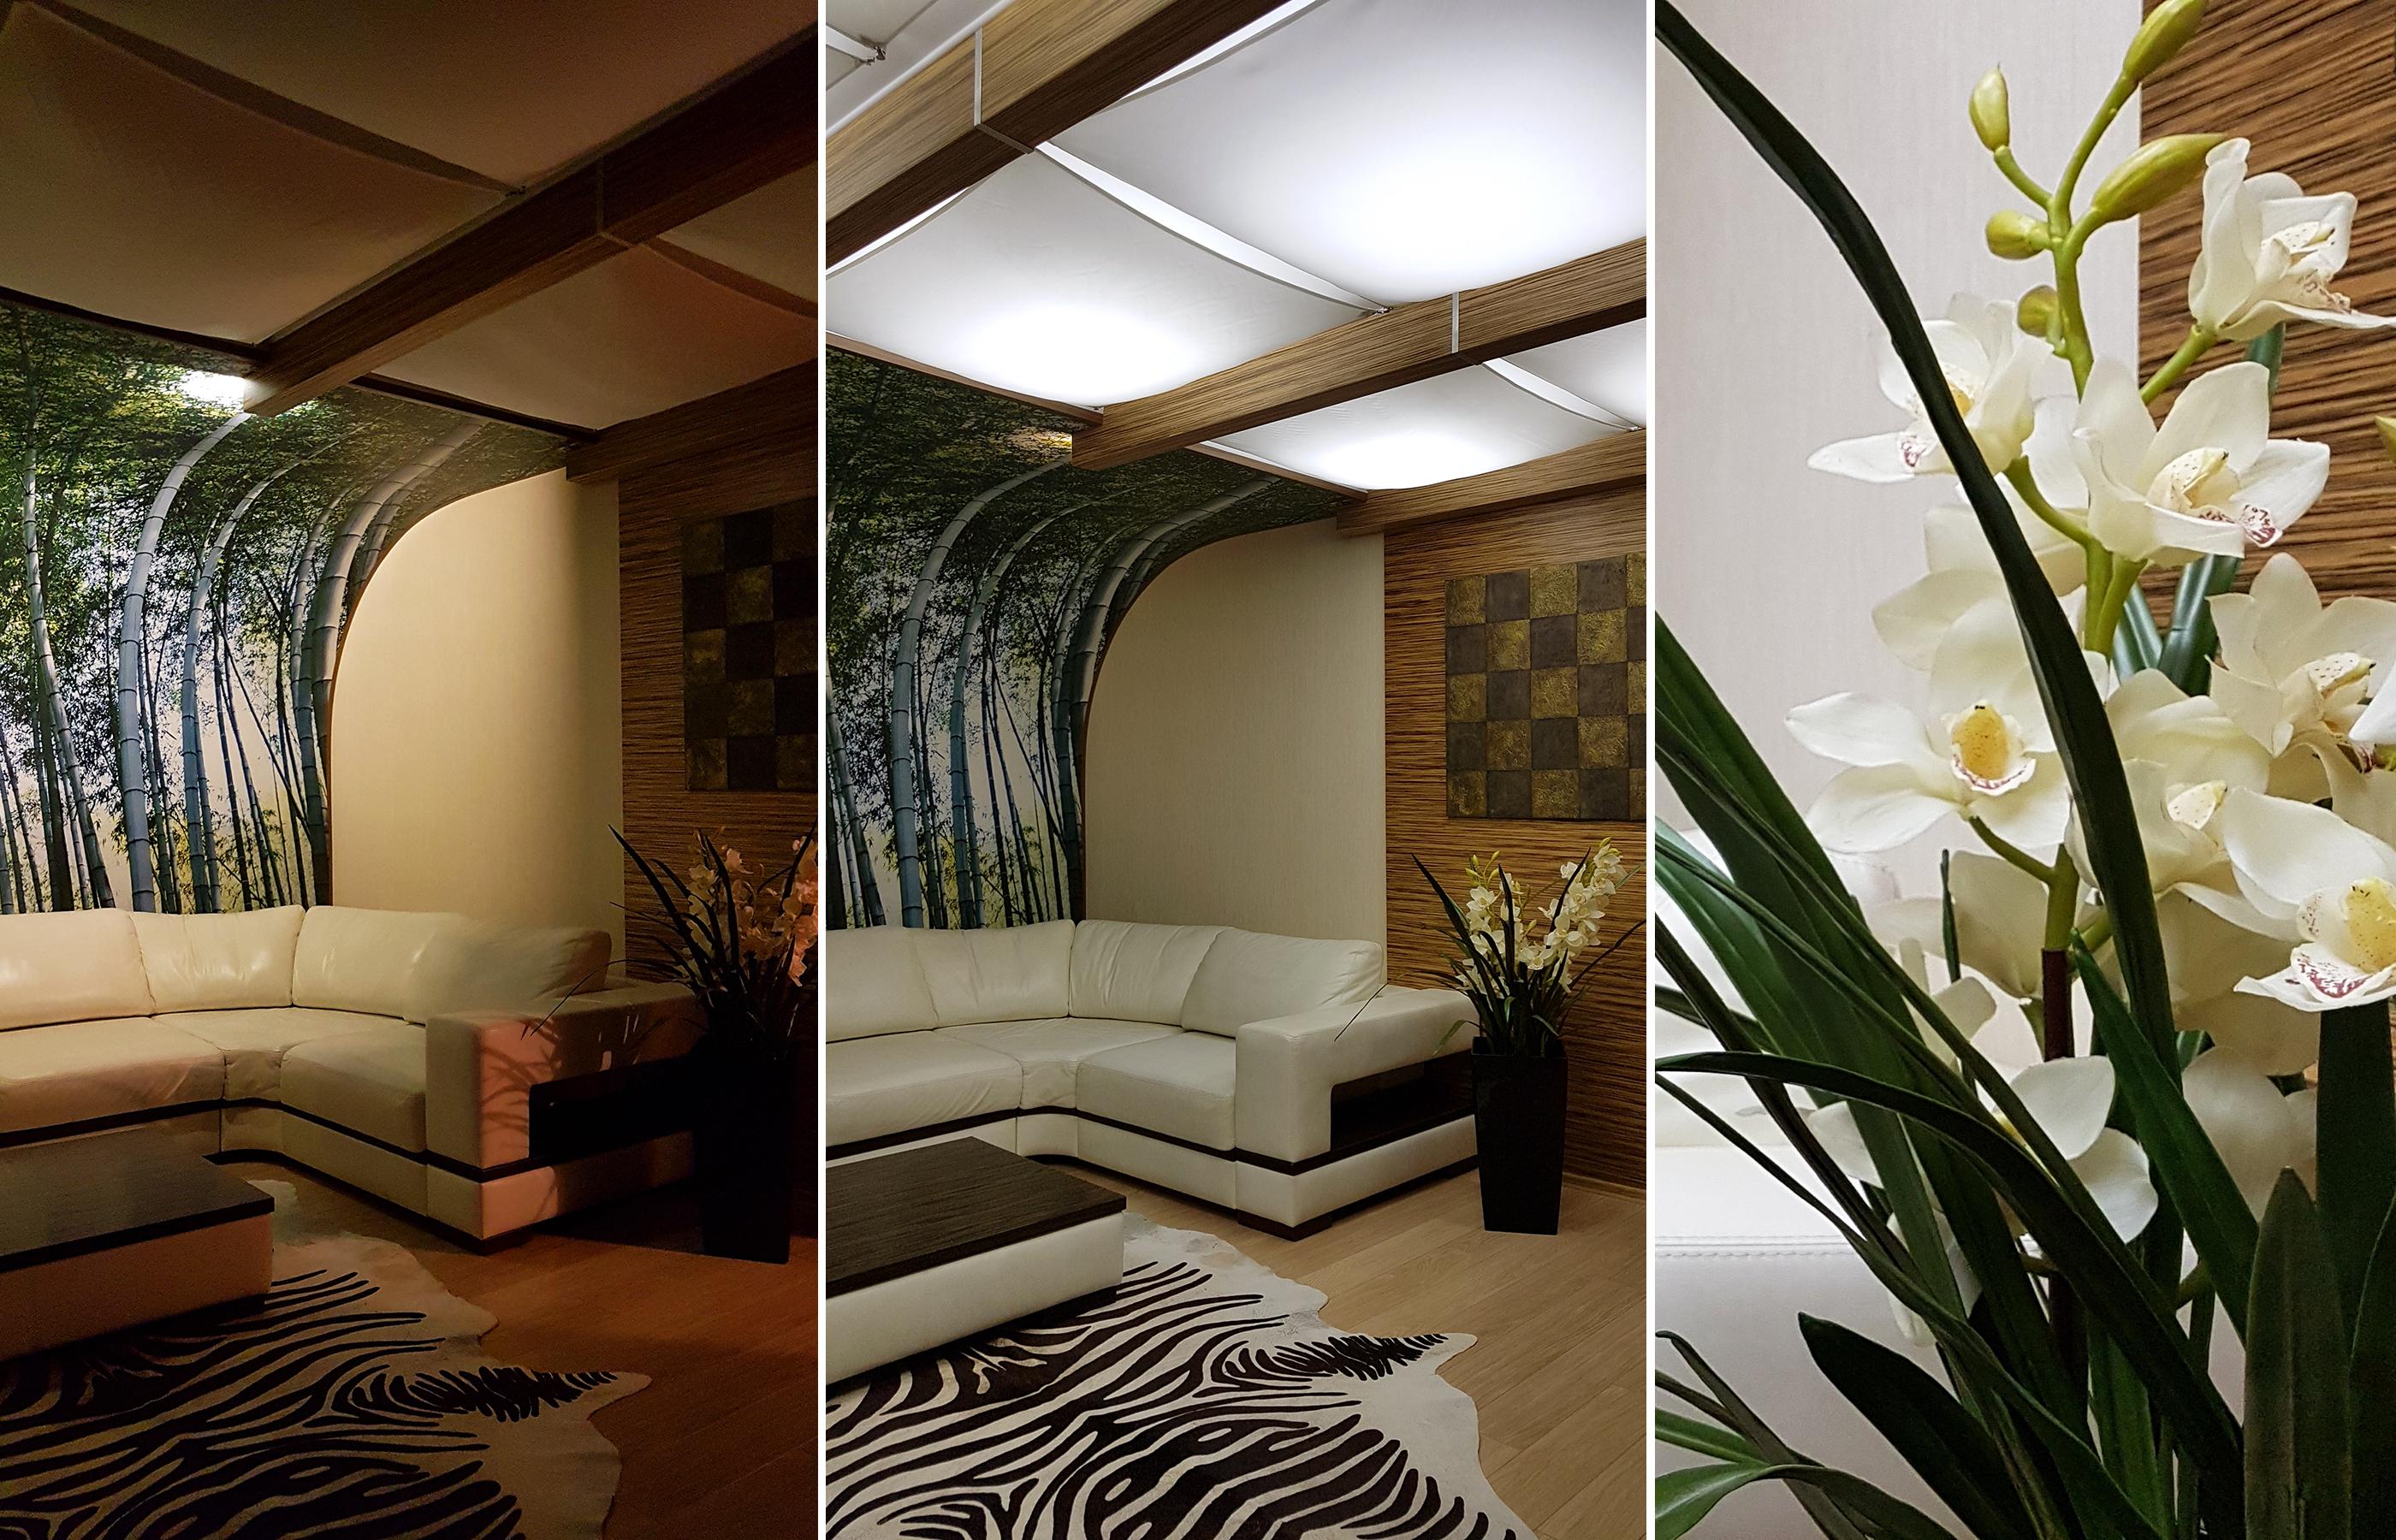 Светильники B-Luxe напоминают паруса и создают мягкое рассеянное освещение в гостиной